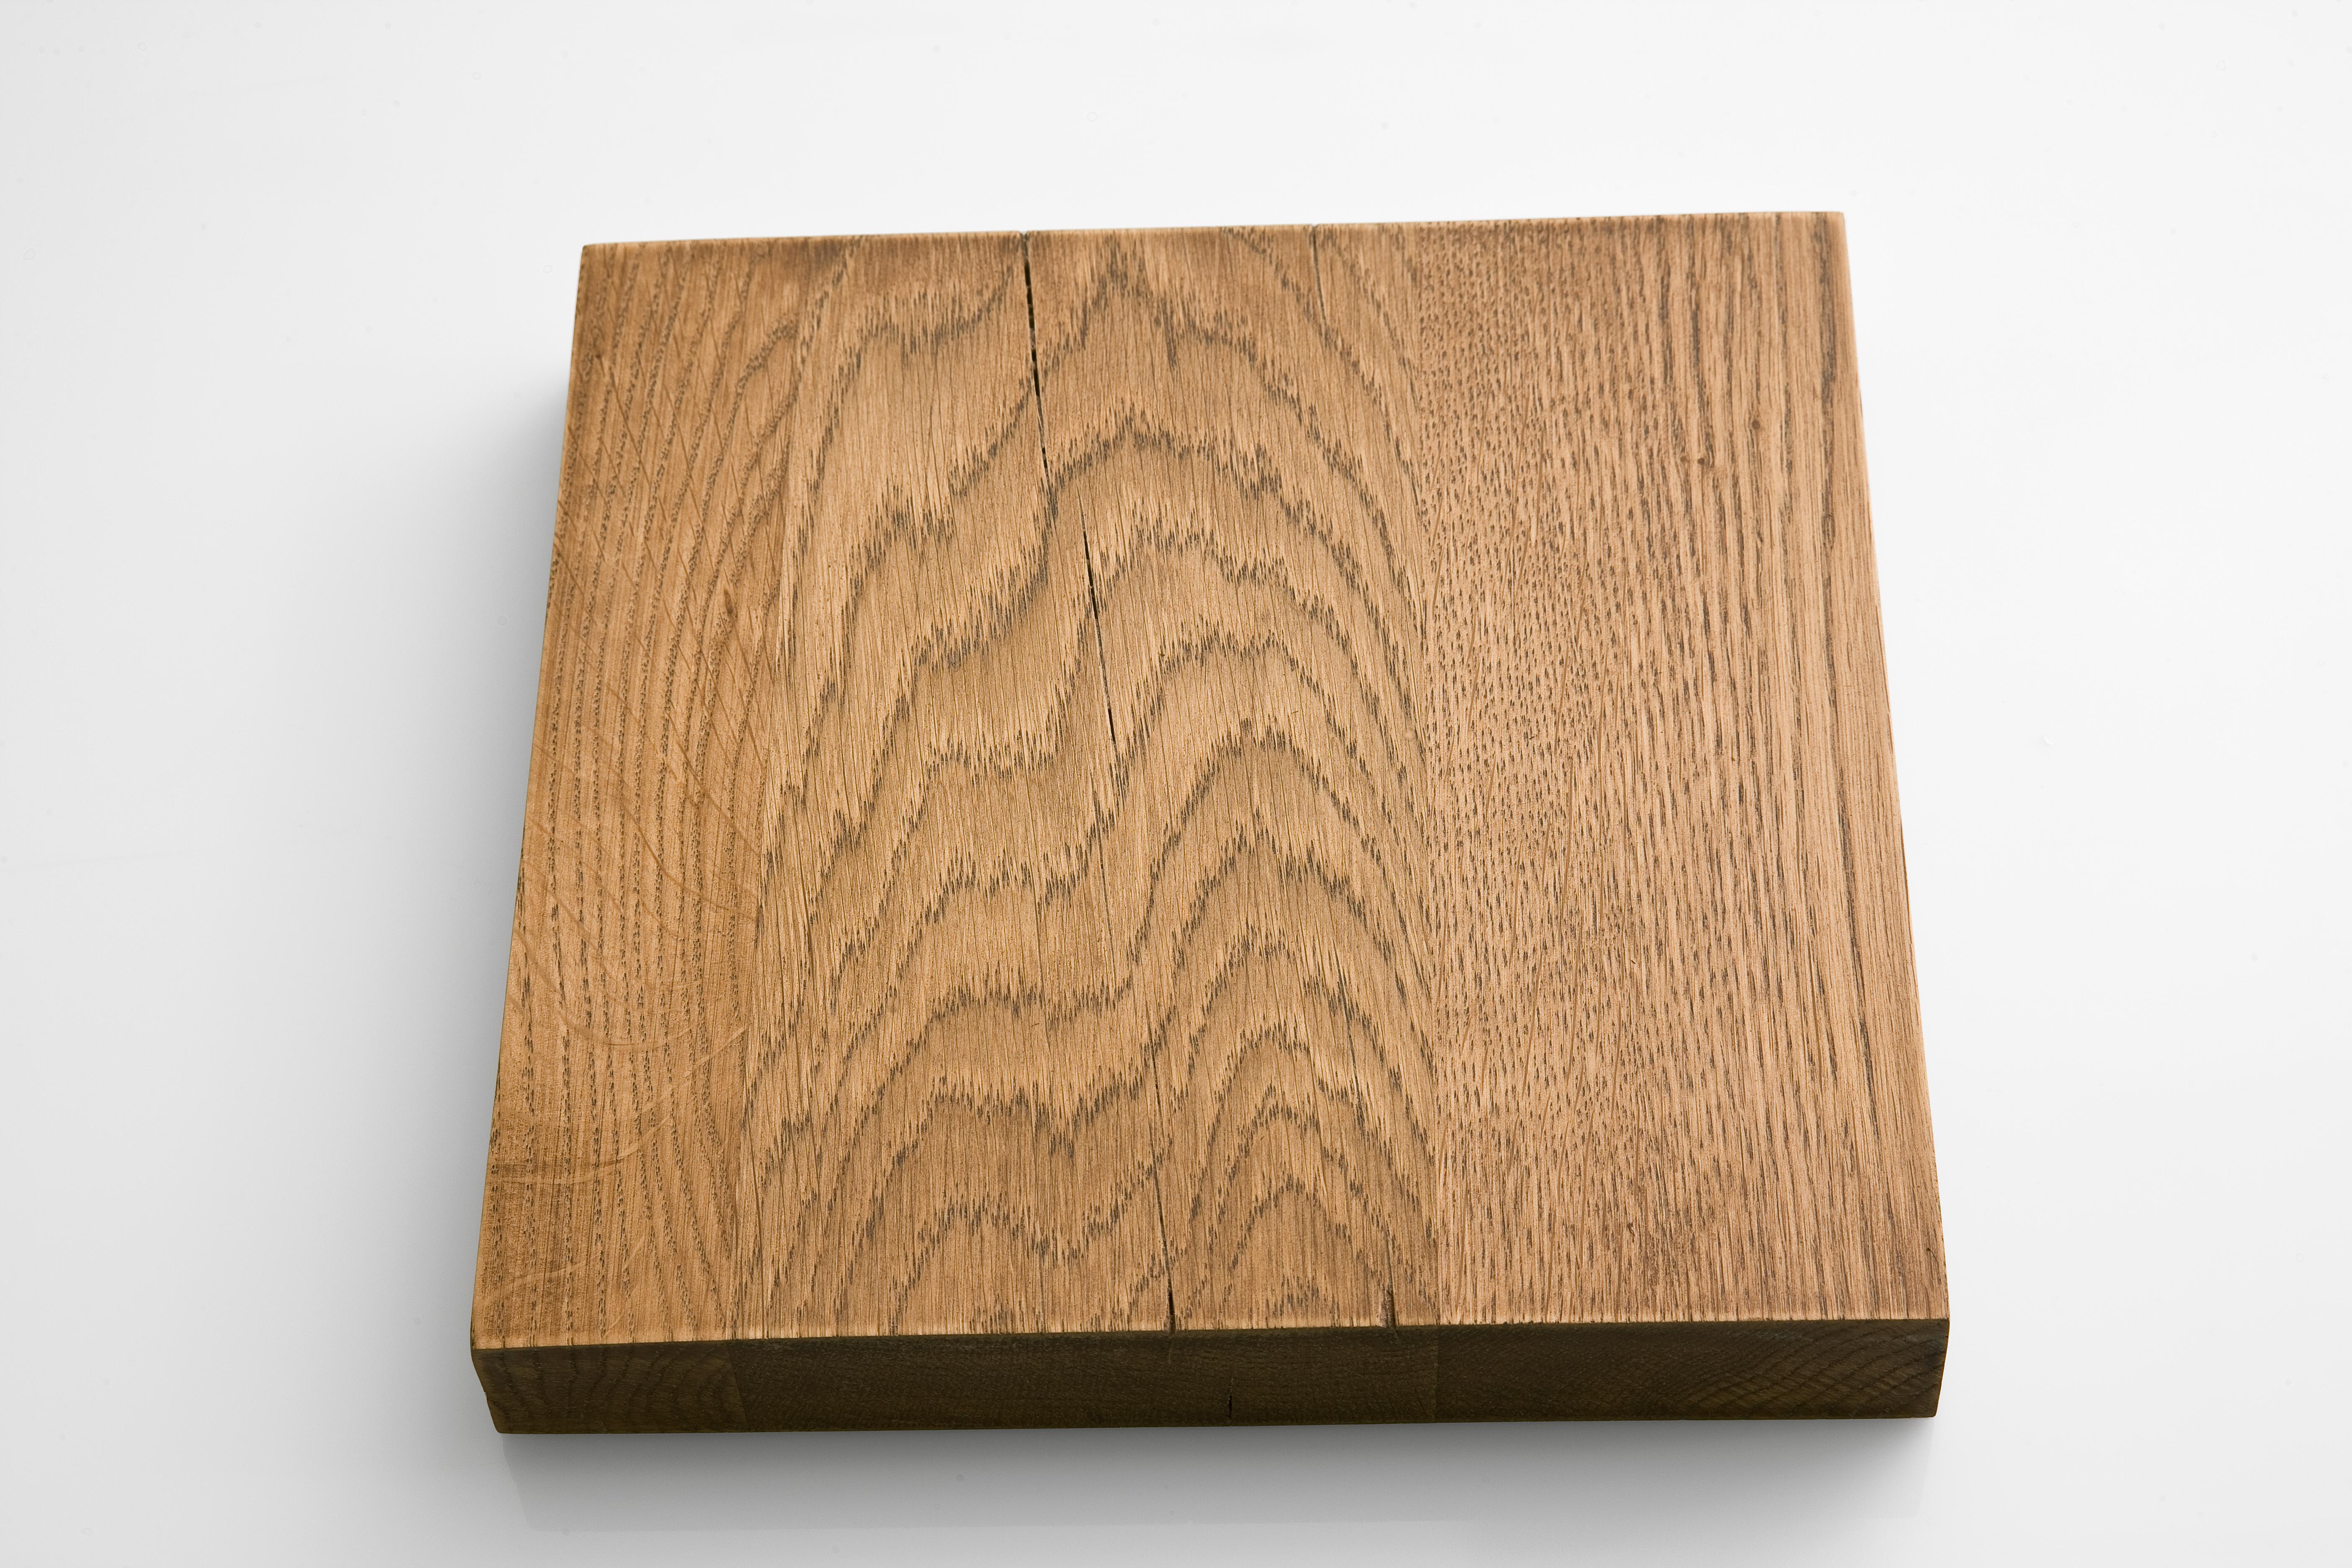 Dubi Esstisch Eiche bassano lackiert 180x90